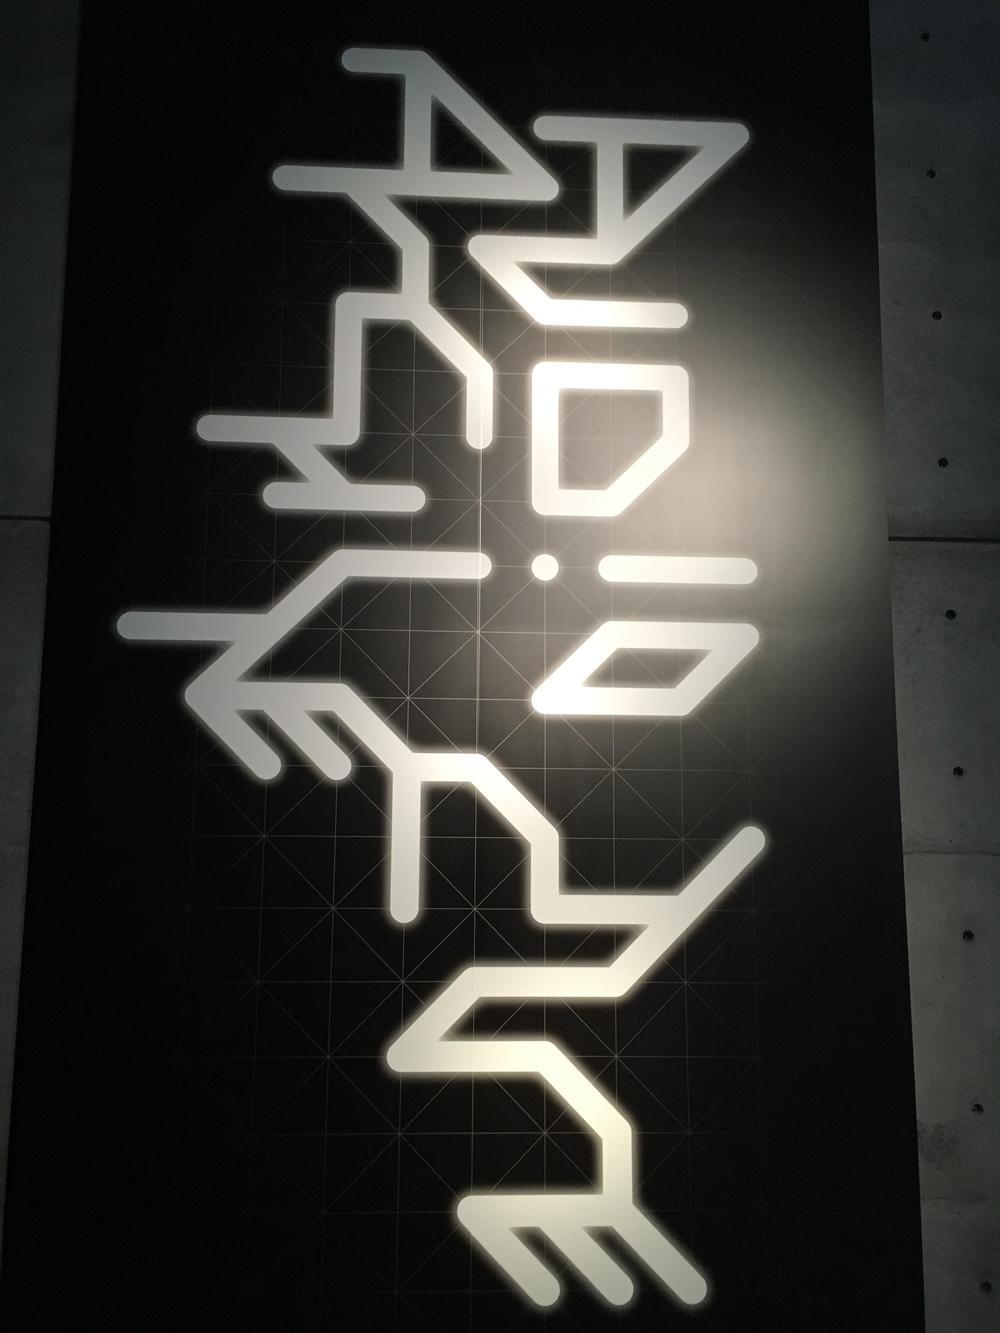 コーネリアスの楽曲に合わせた映像の数々。「Audio Architecture:音のアーキテクチャ展」